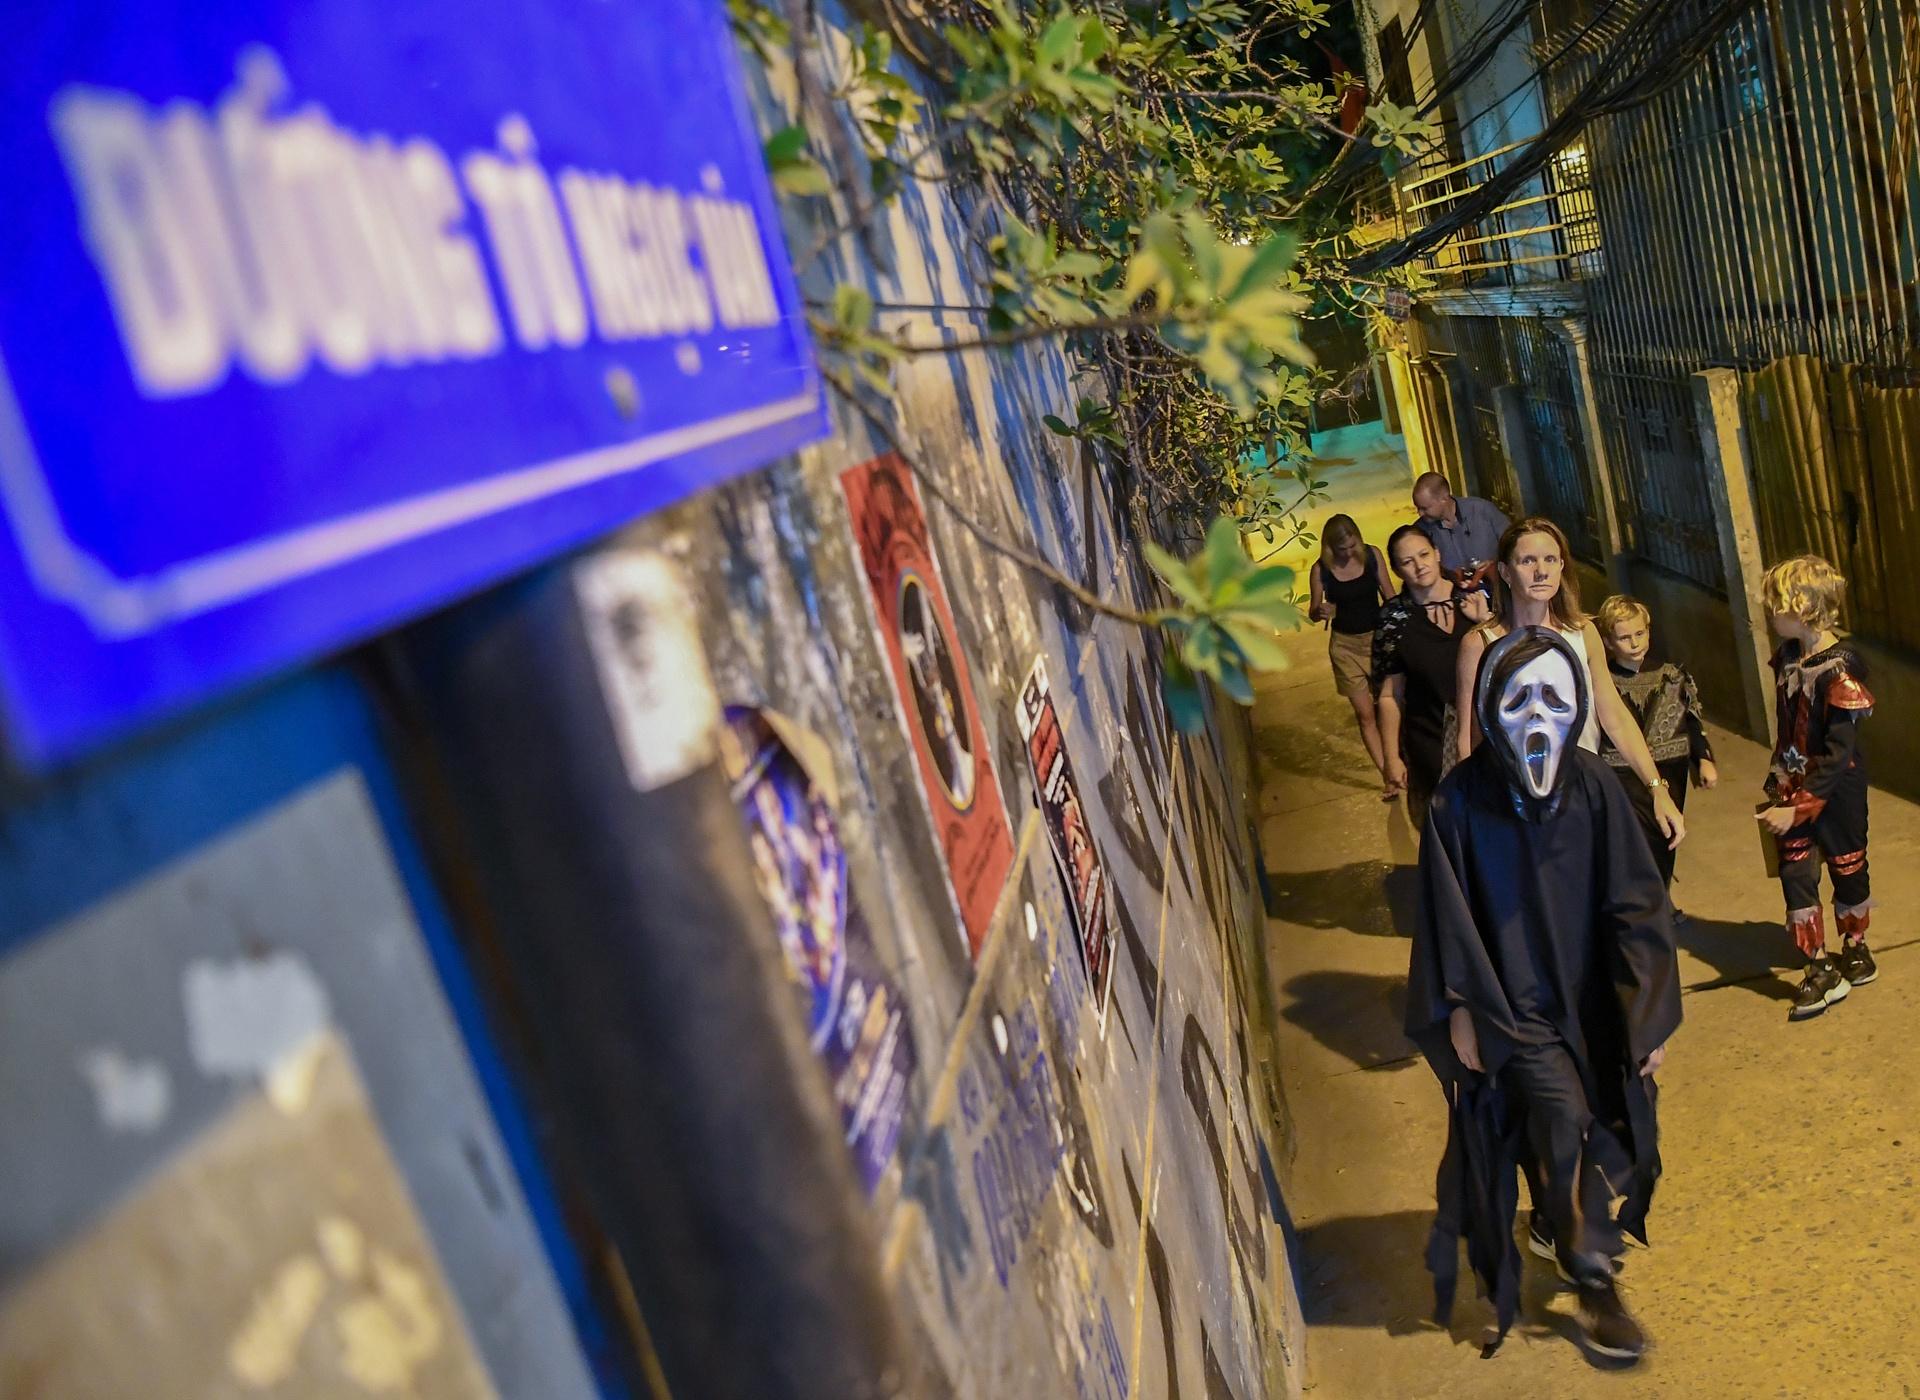 Khong khi Halloween som o Ha Noi hinh anh 5